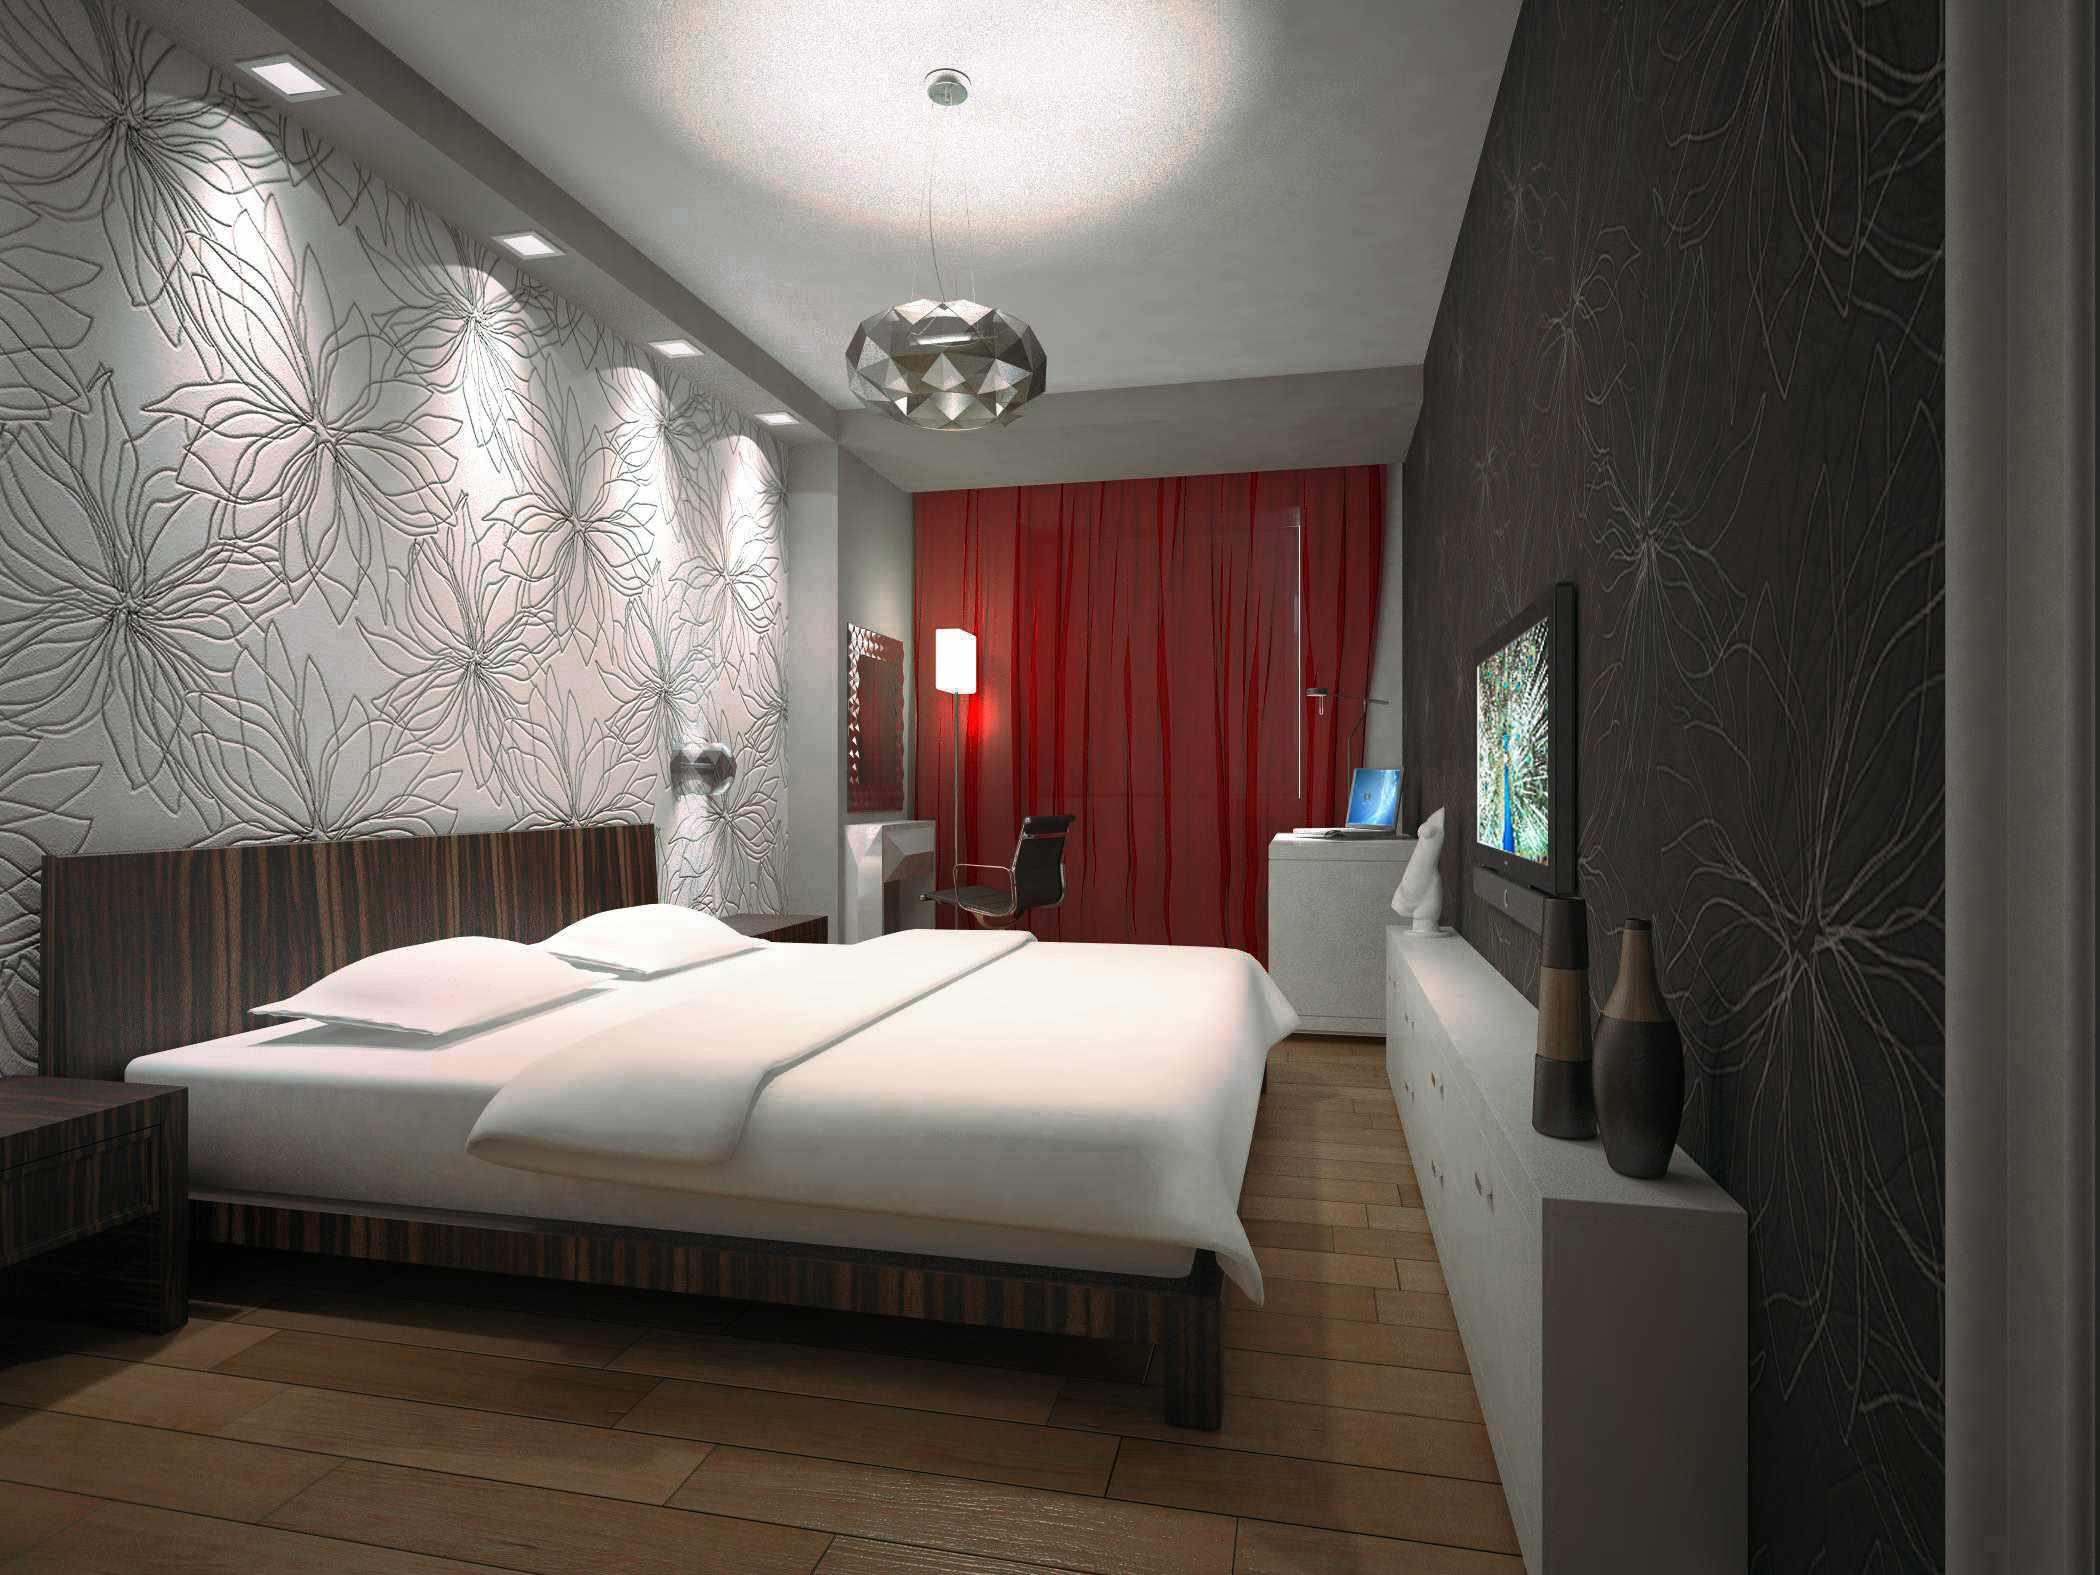 option d'un décor clair d'une chambre étroite